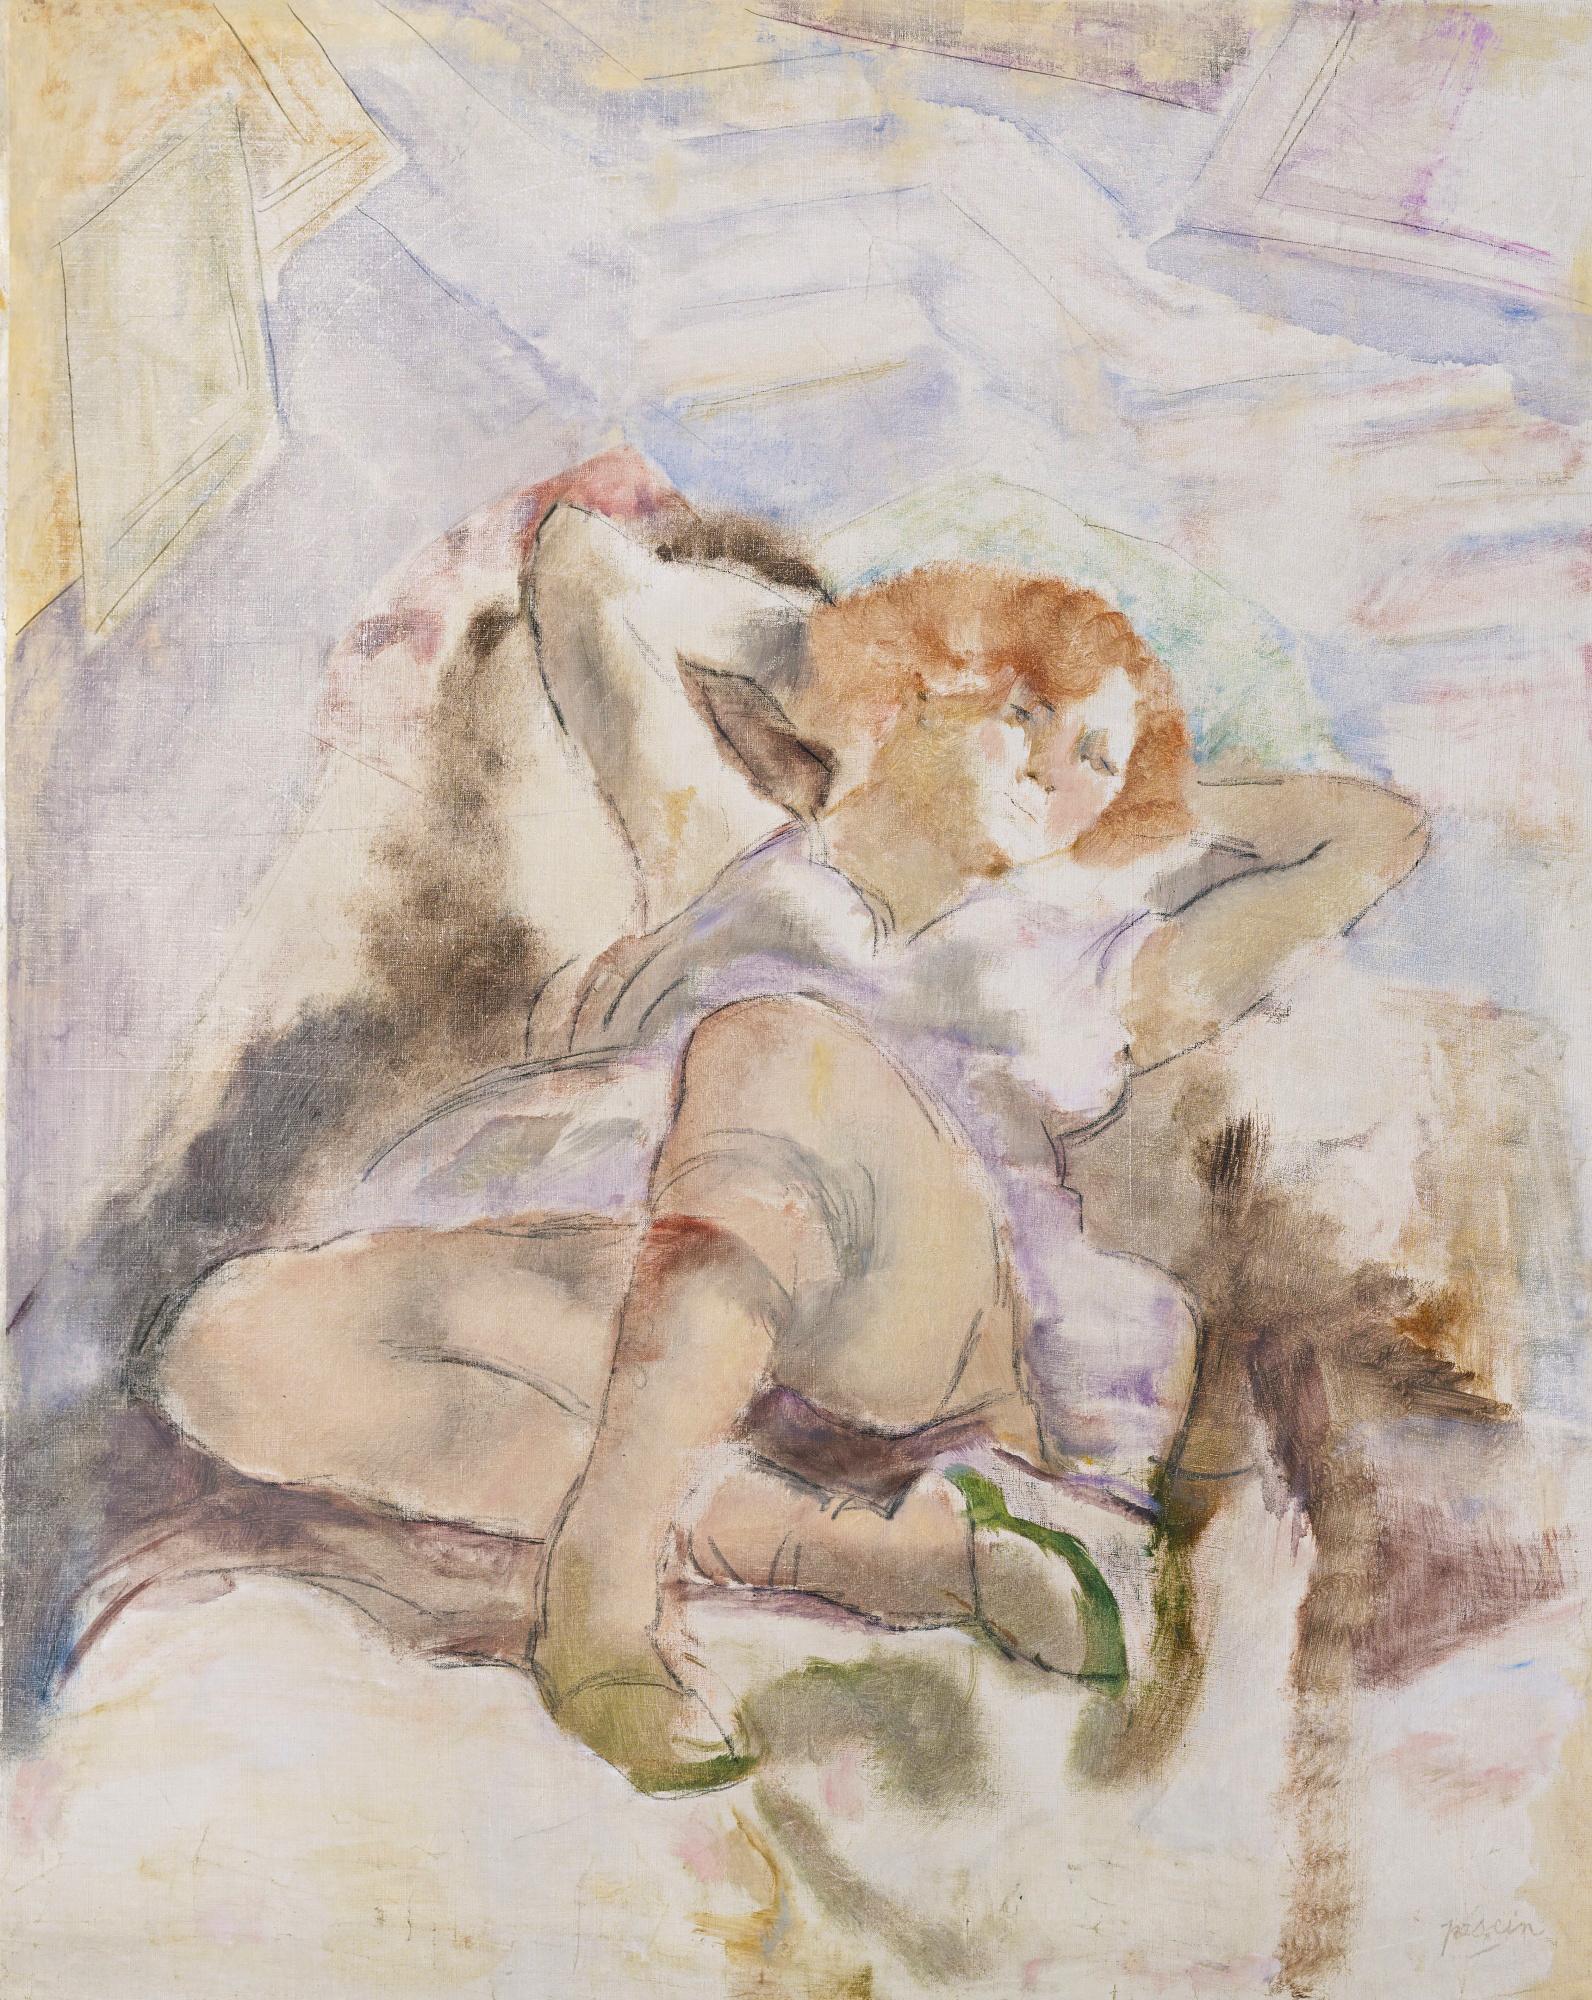 Jules PASCIN La Rousse (Jeune femme allongée) 1928 Huile sur toile, 92,3x73,4cm signé en bas à droite, Coll. part.